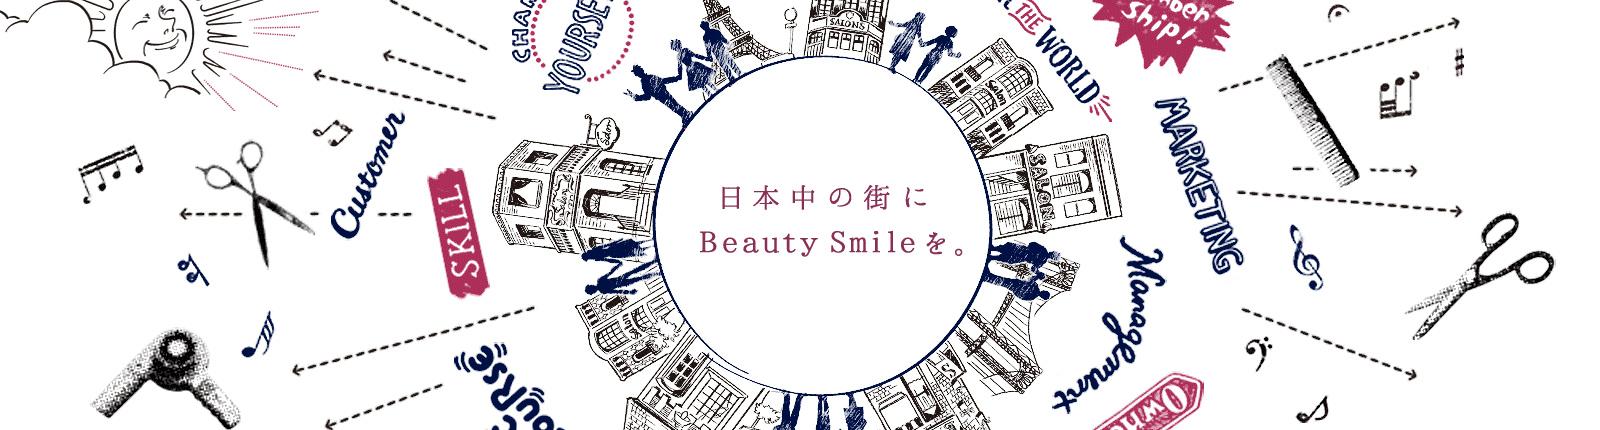 日本中の街に Beauty Smile を。ホットペッパービューティアカデミー